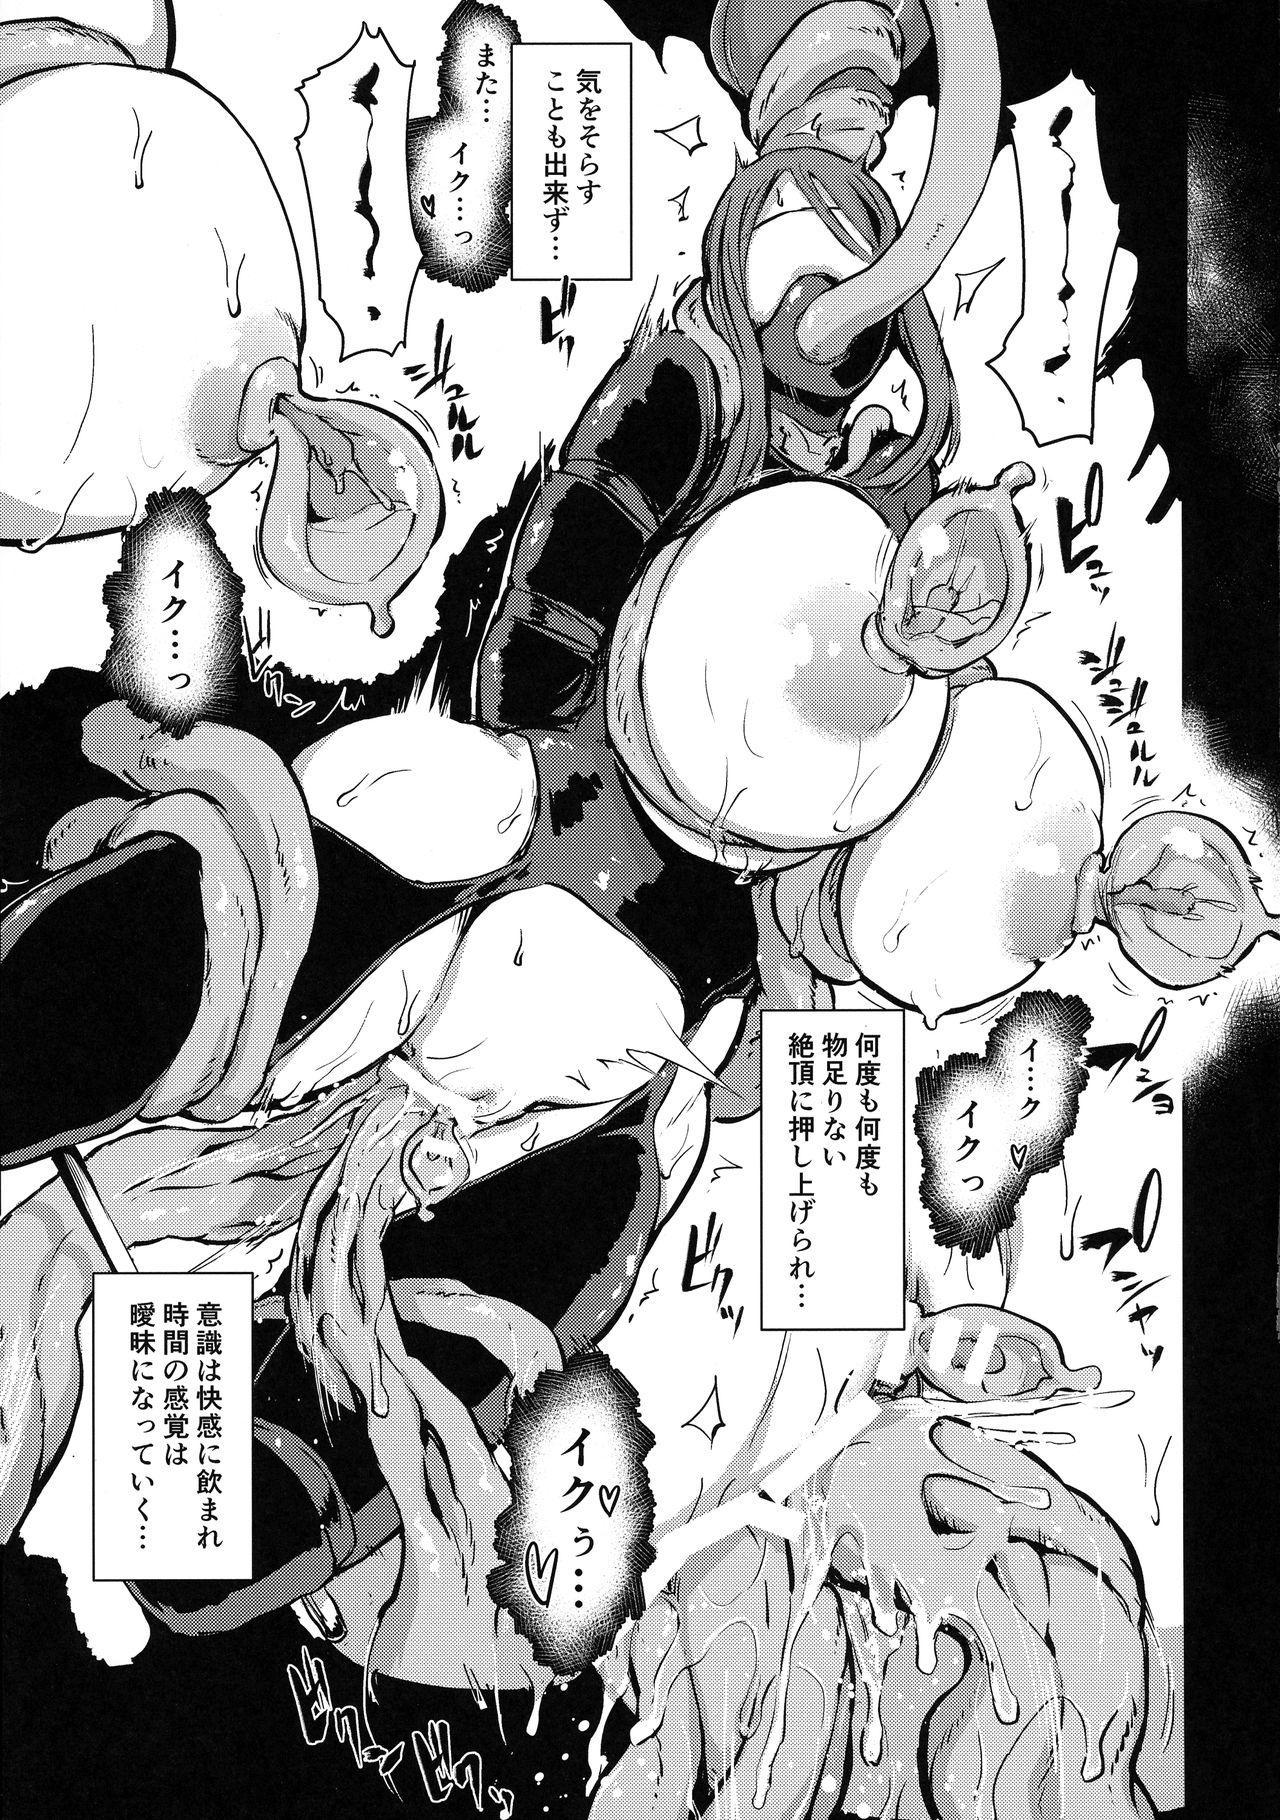 Majuu Teikoku Hishi-chuu Otto no Tame ni Kairaku Goumon ni Taeru Boukoku no Ouhi 10